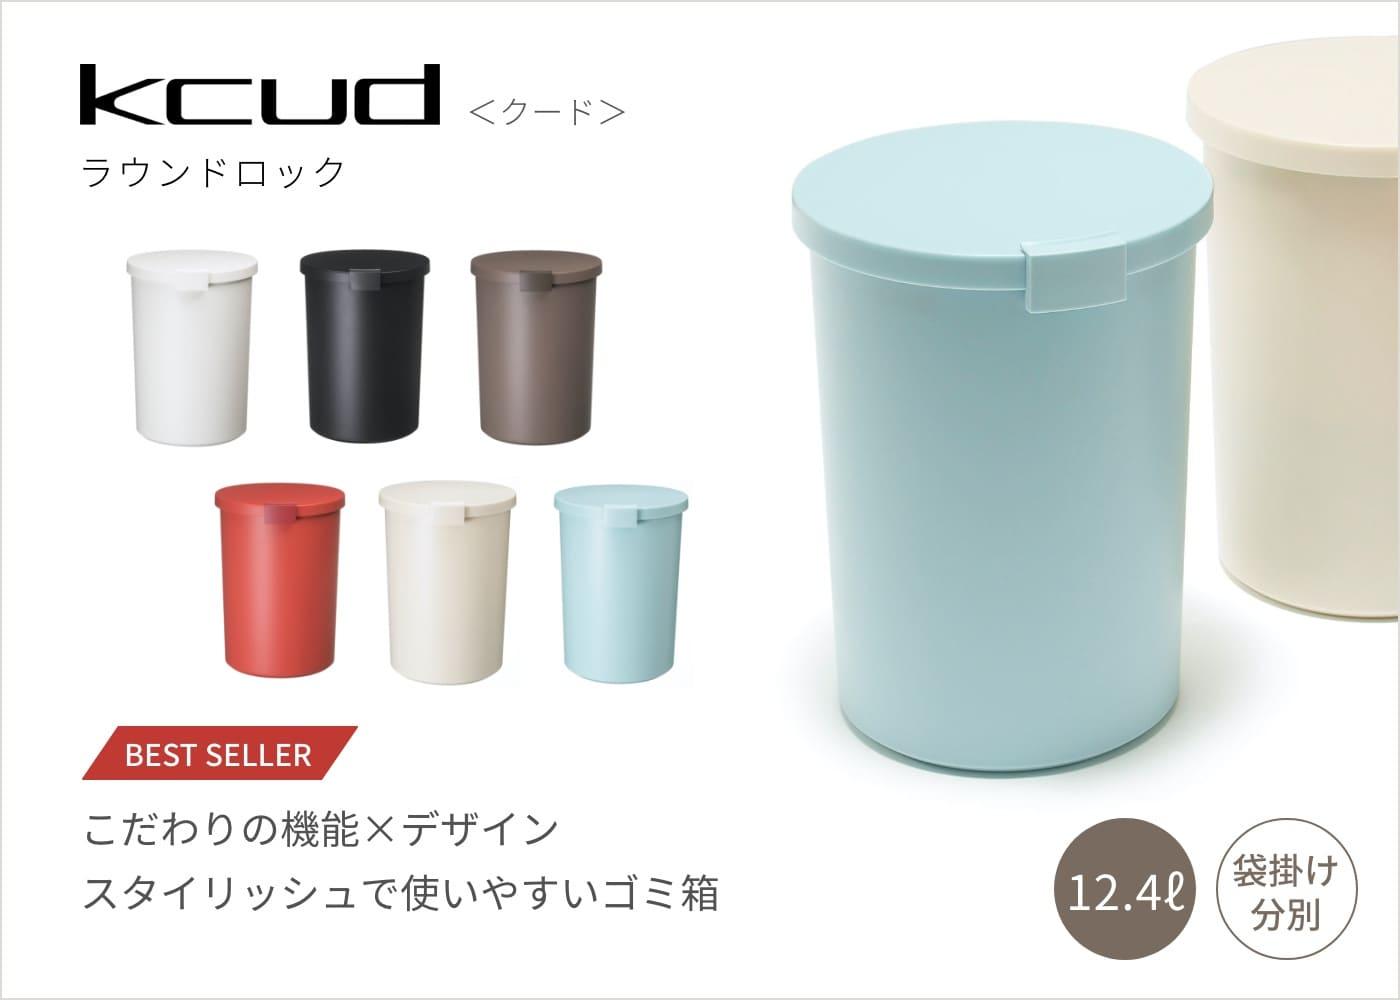 kcudシンプルワイド「こだわりの機能✕デザイン。スタイリッシュで使いやすいゴミ箱」